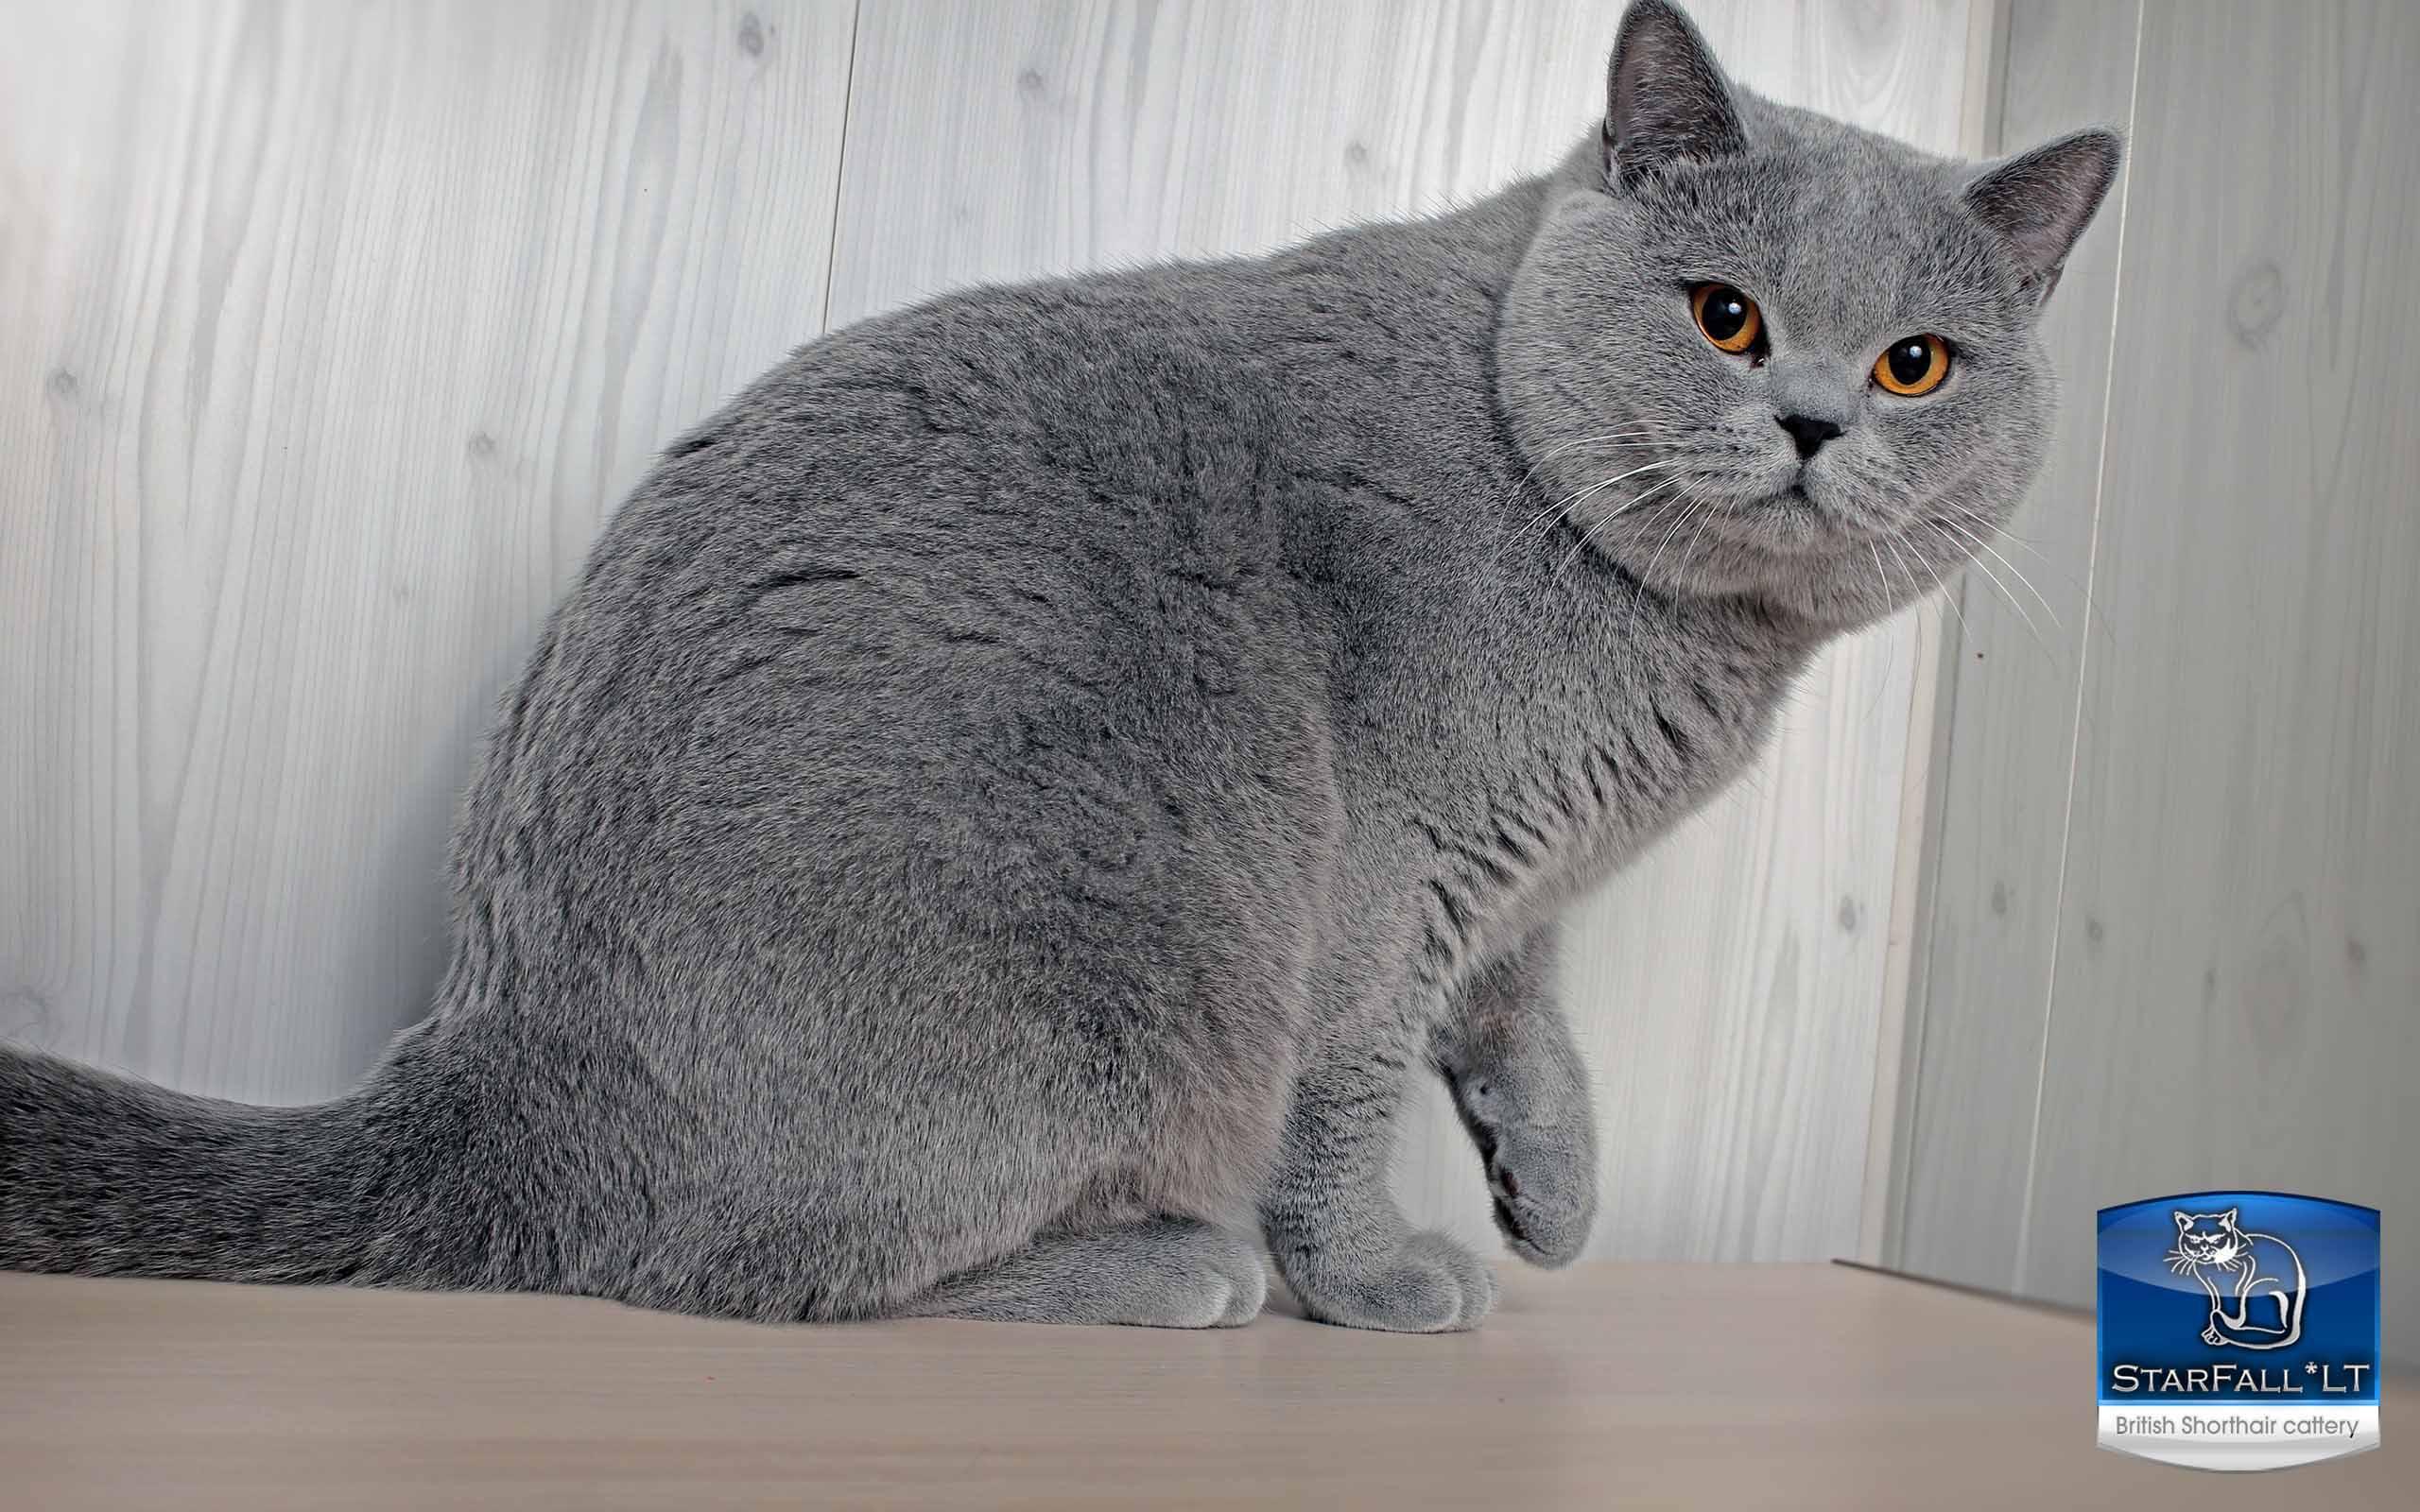 British Shorthair Cattery Starfall Lt